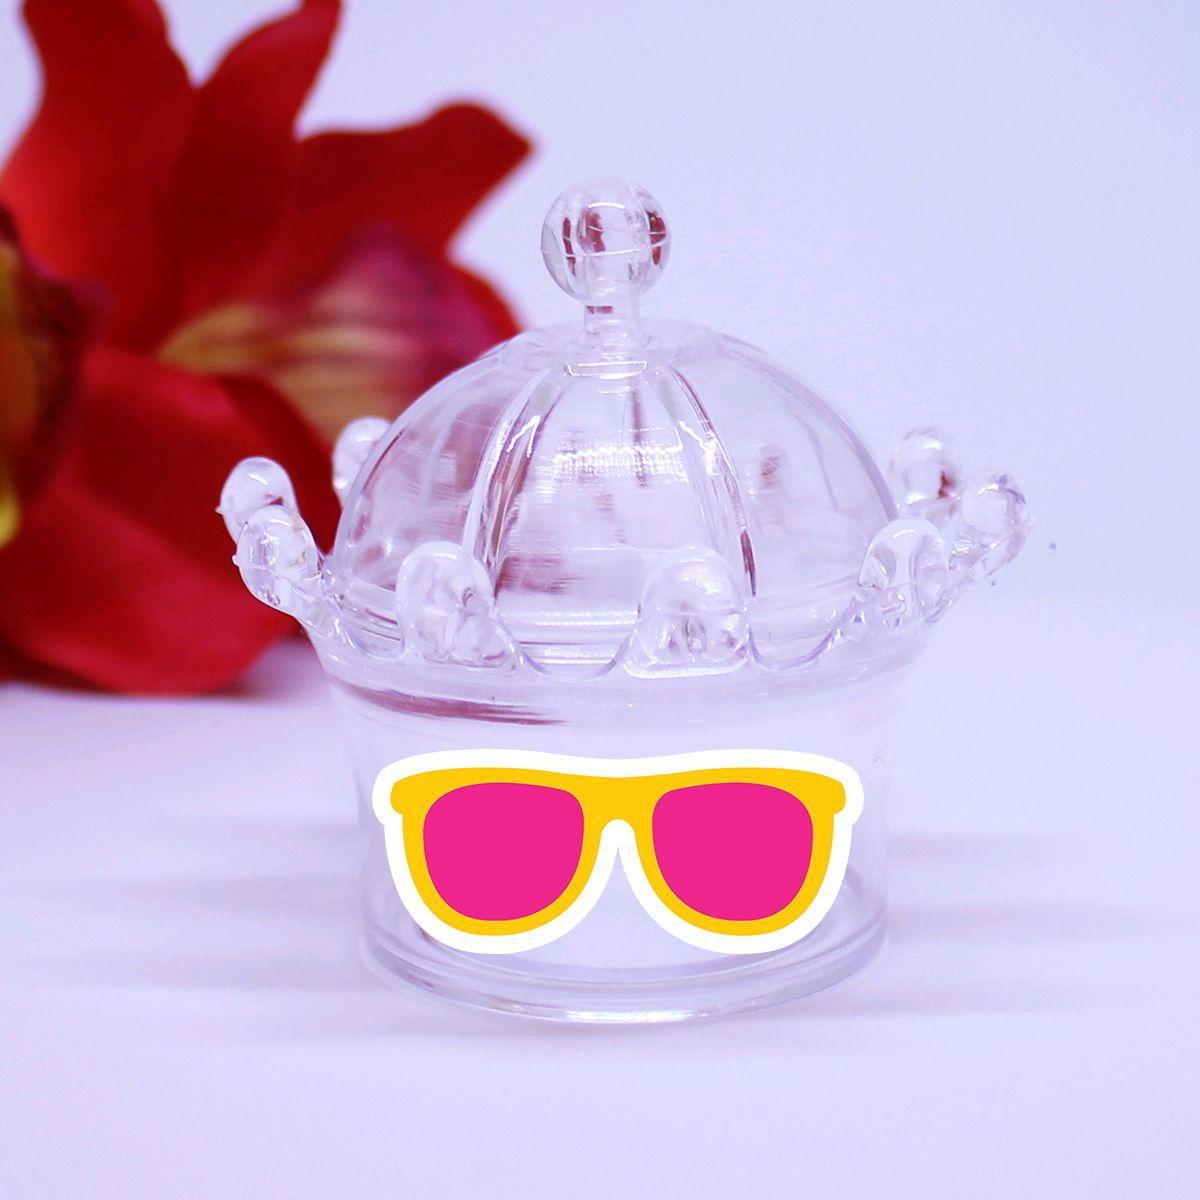 c057894720dc8 Aplique Adesivo Tag Oculos de Sol   Elo7